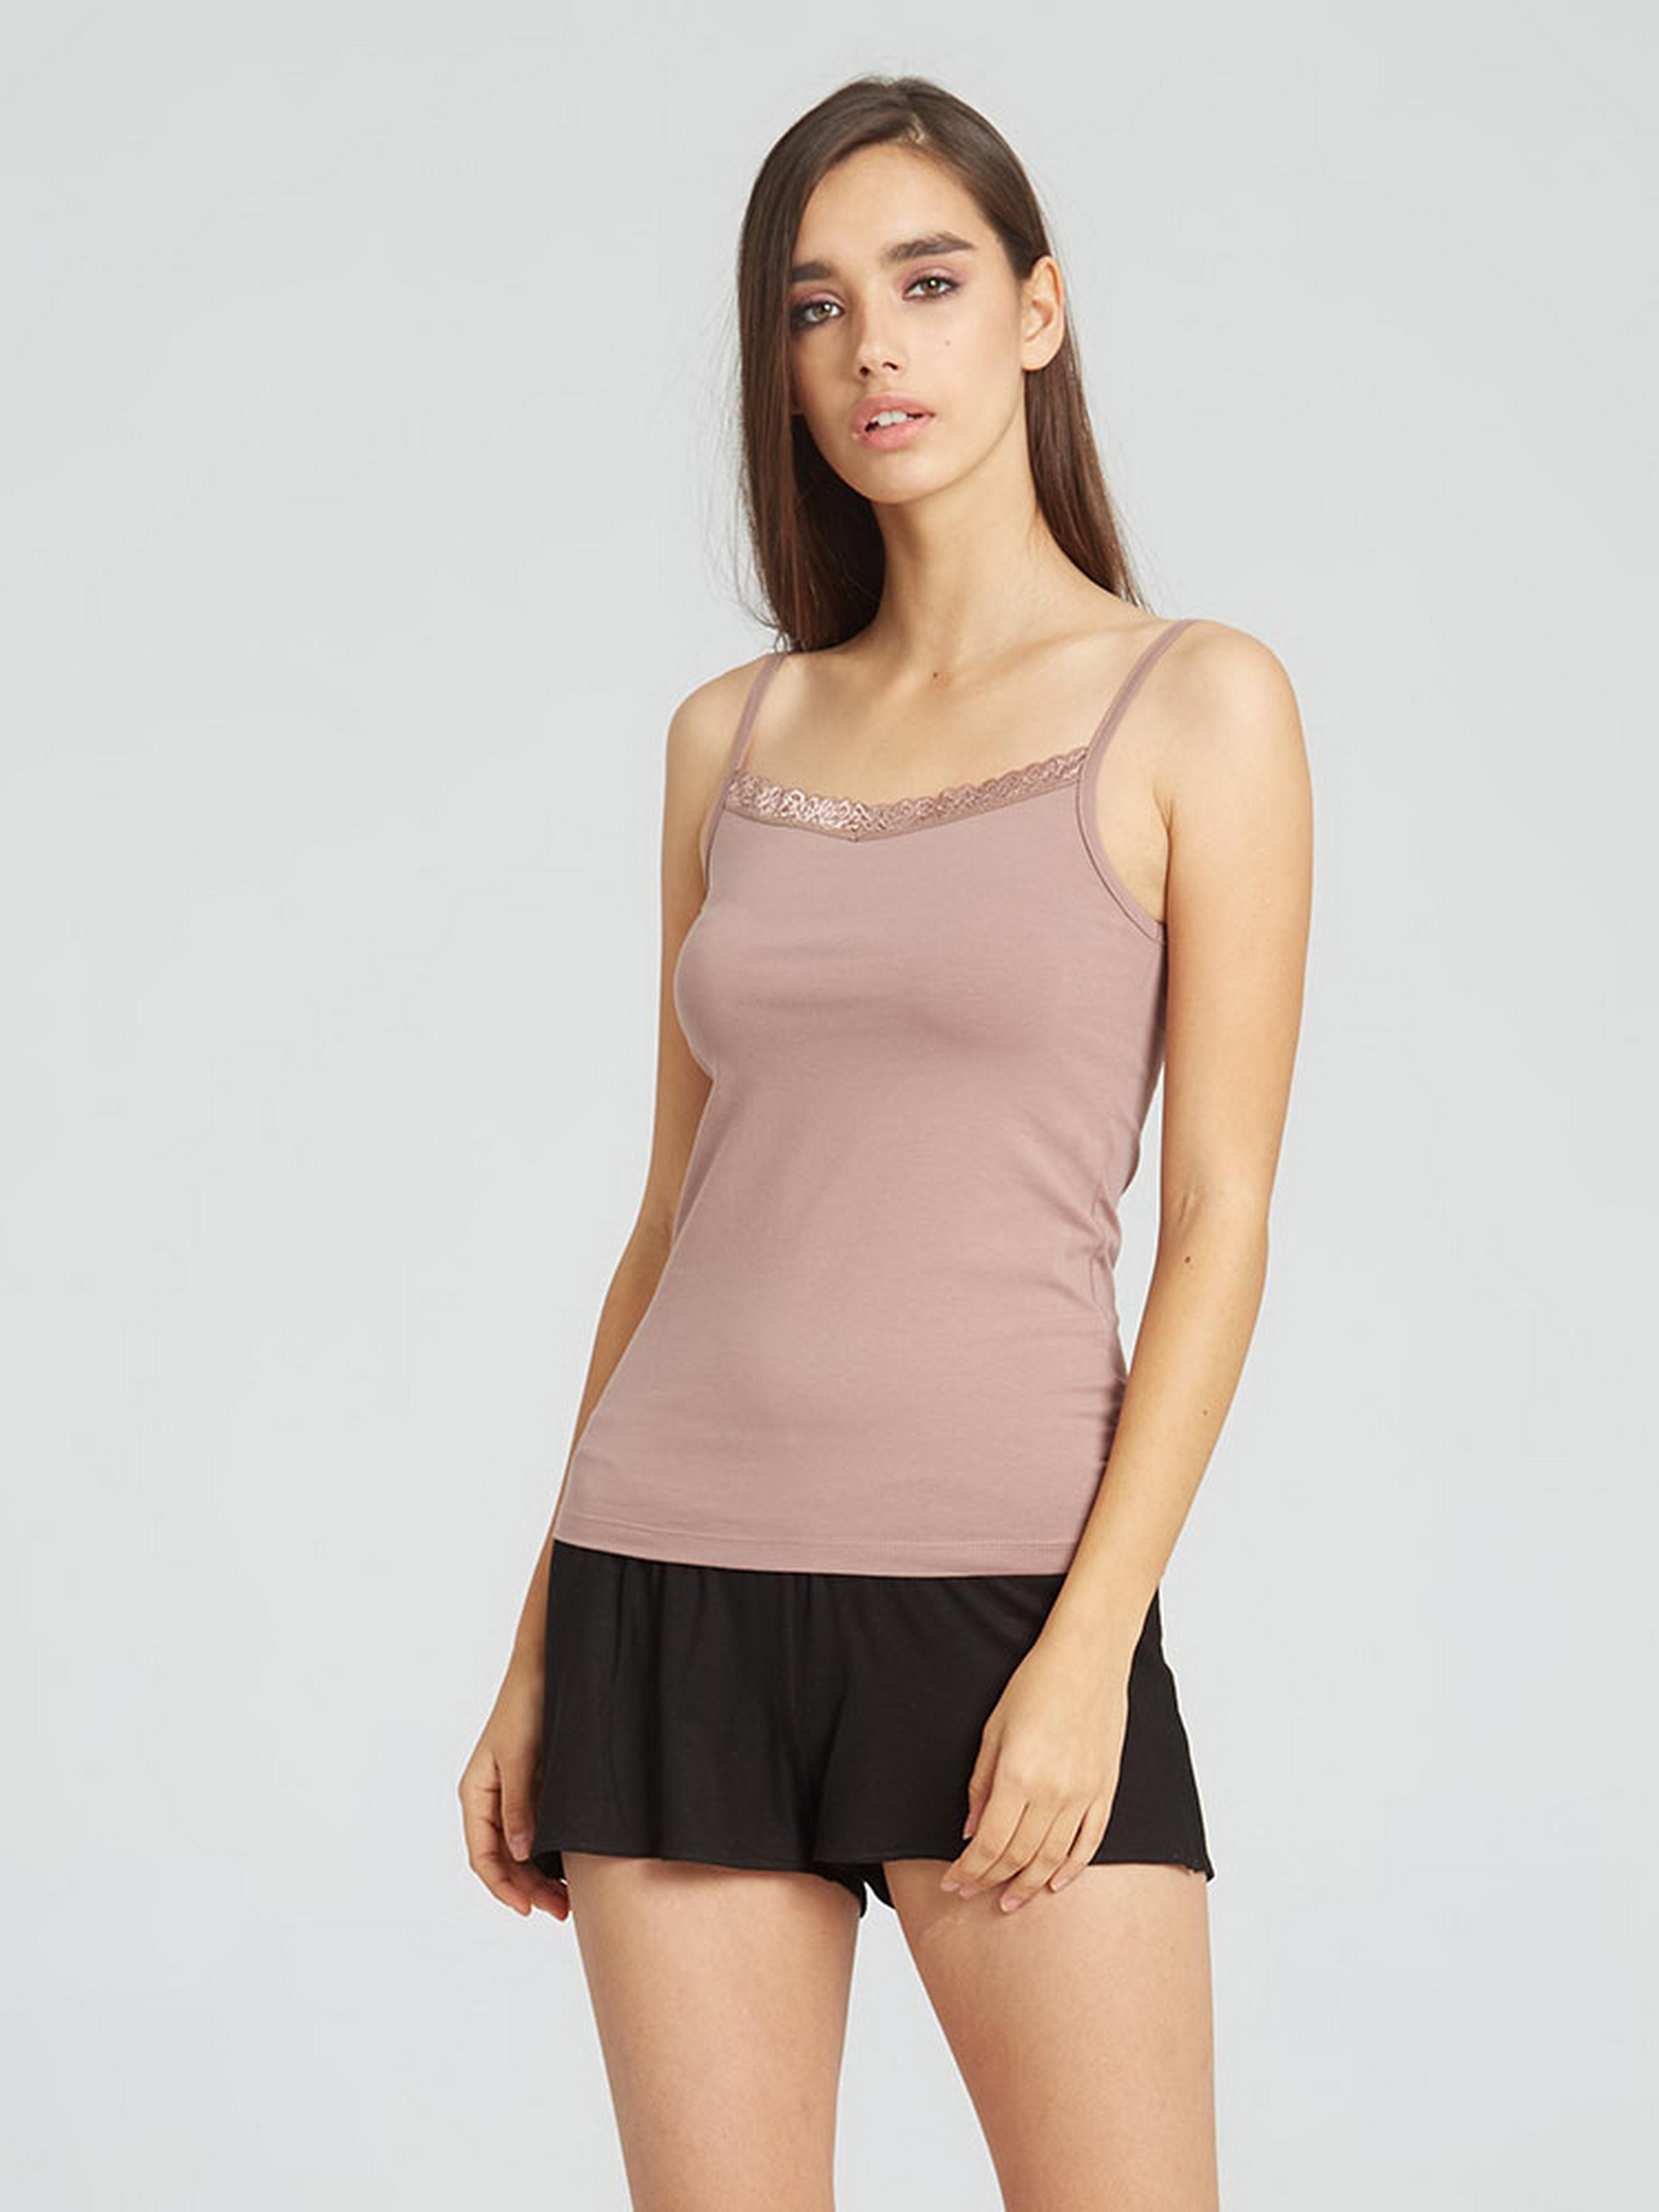 Купить Майка женская Promin модель 2011-11 МОККО, Бежевый